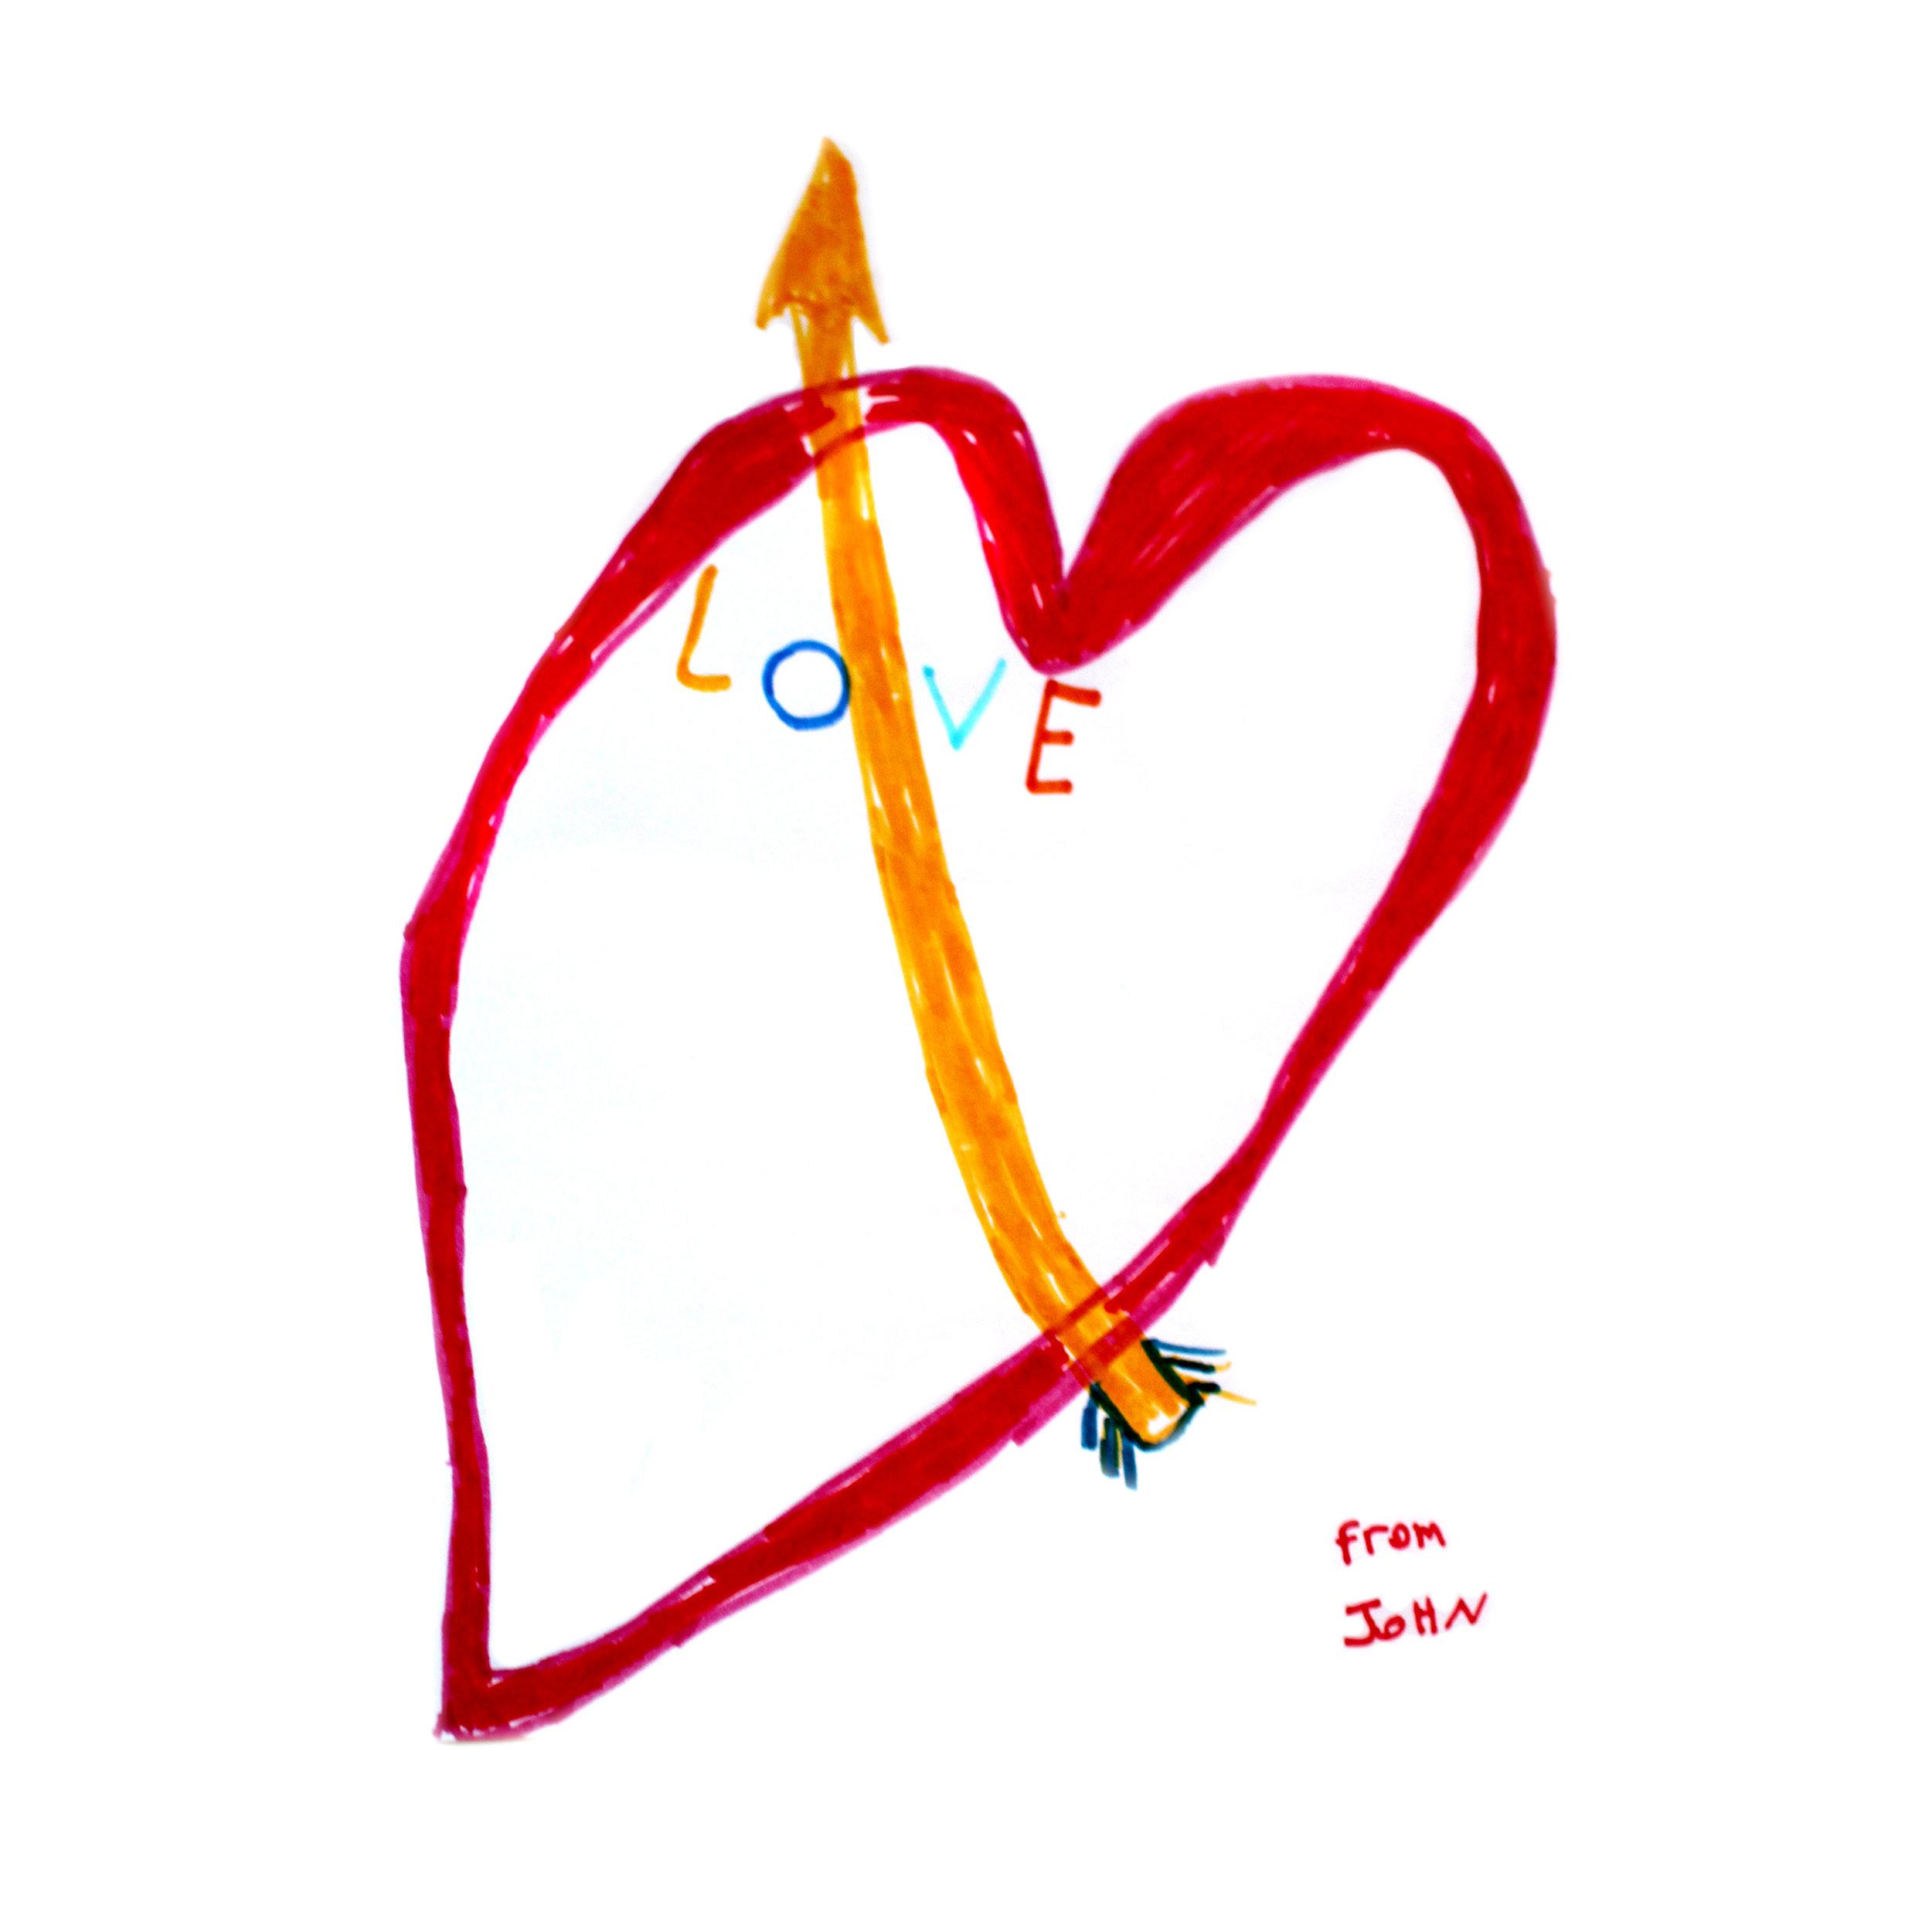 john love heart kampala bwaise awamu.co.uk